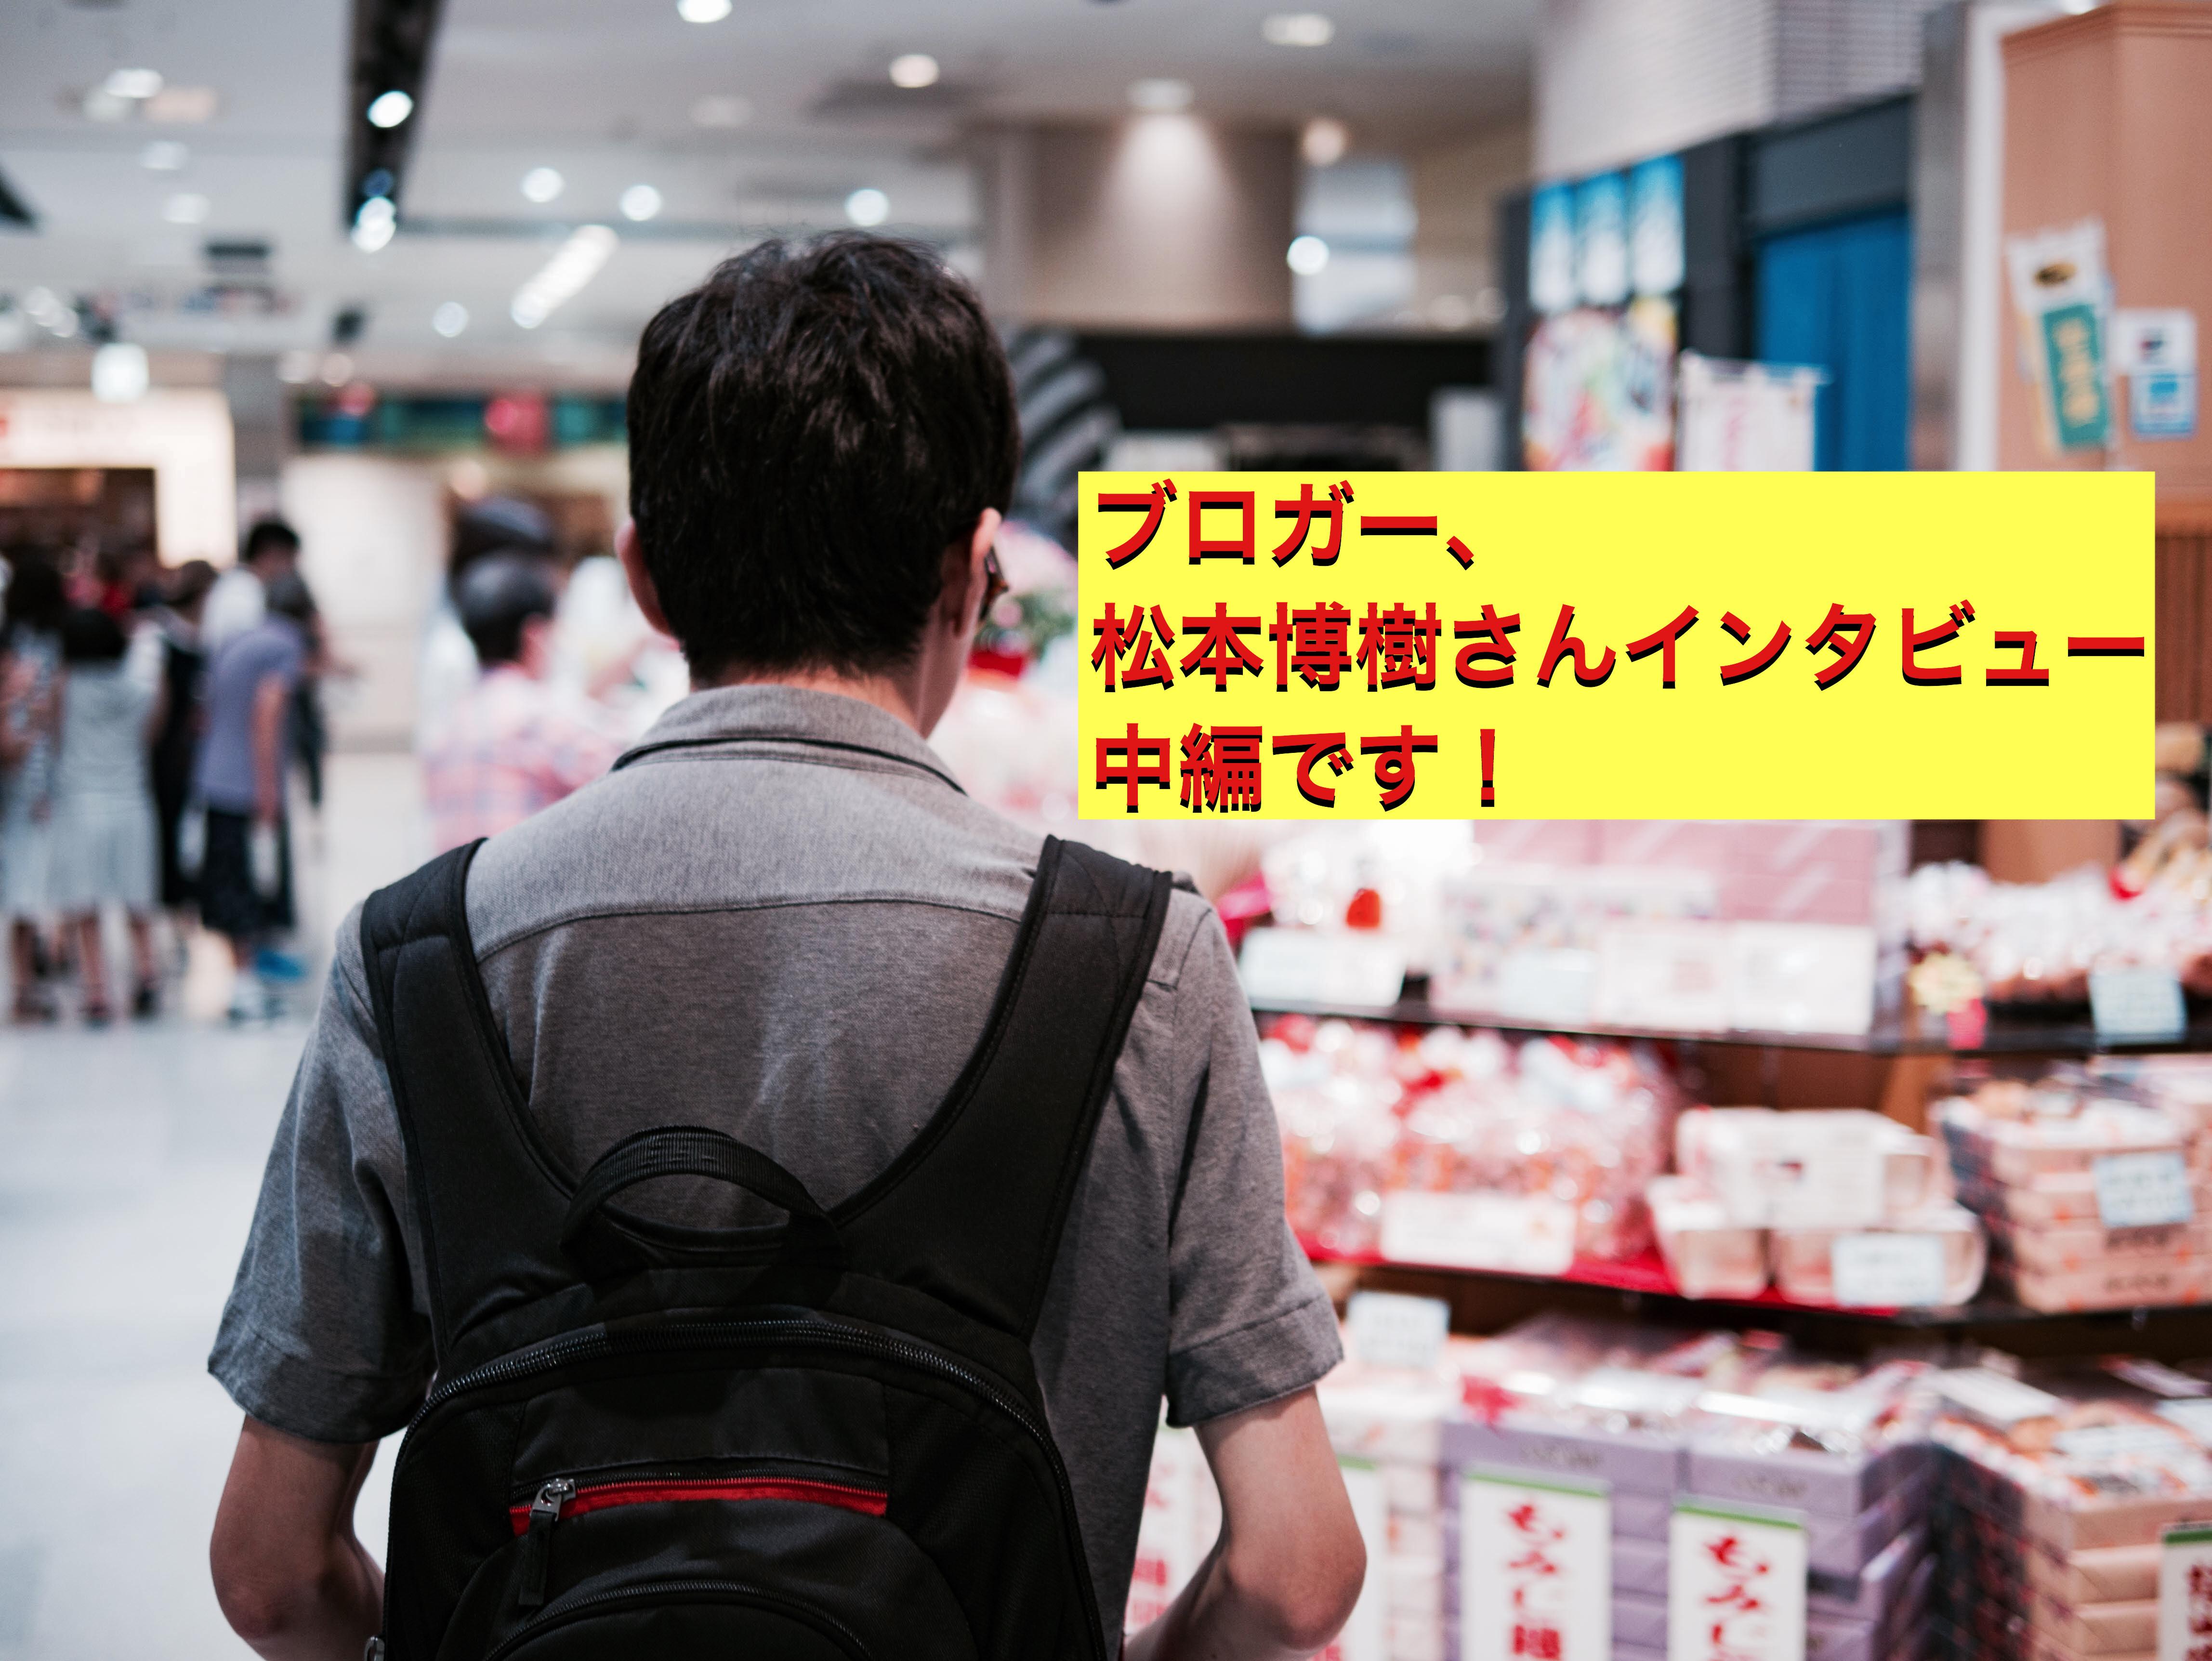 松本さんの背中